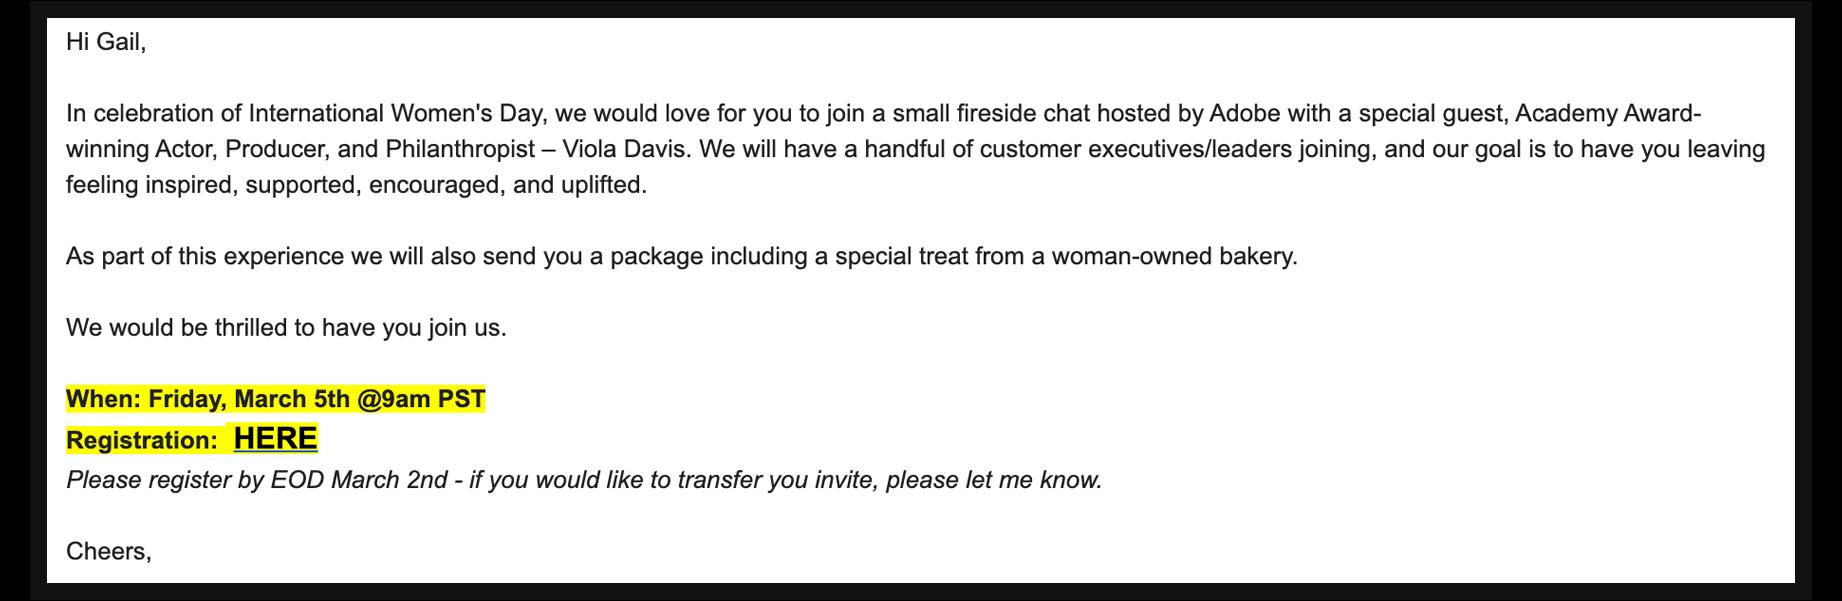 Adobe event invite